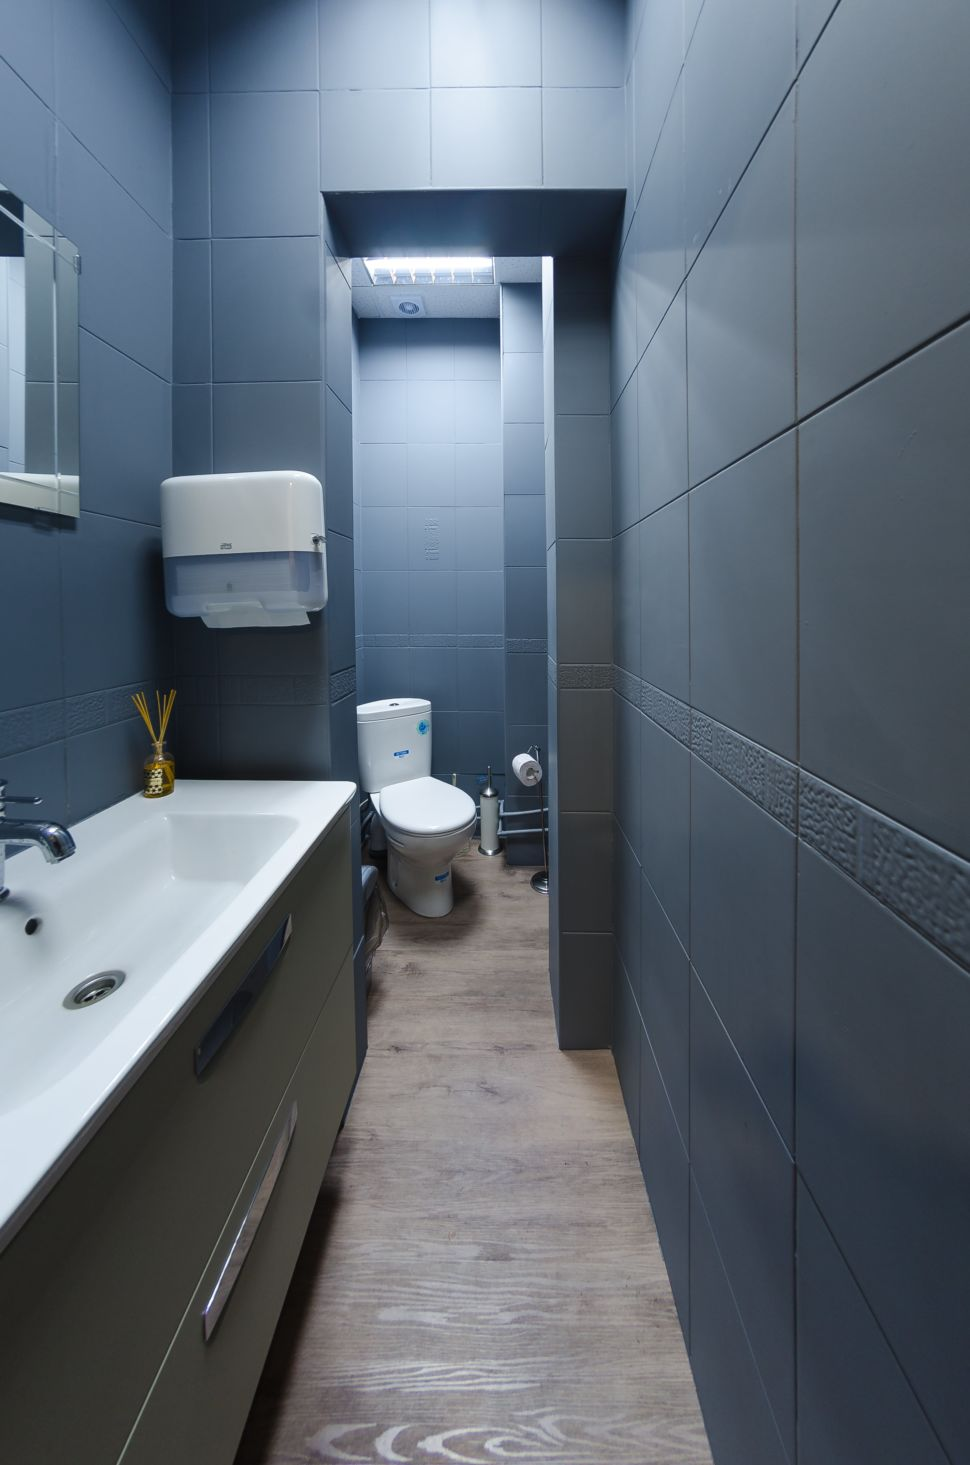 Фотография санузла офисного помещения, керамическая плитка серого цвета, мойка, унитаз, раковина